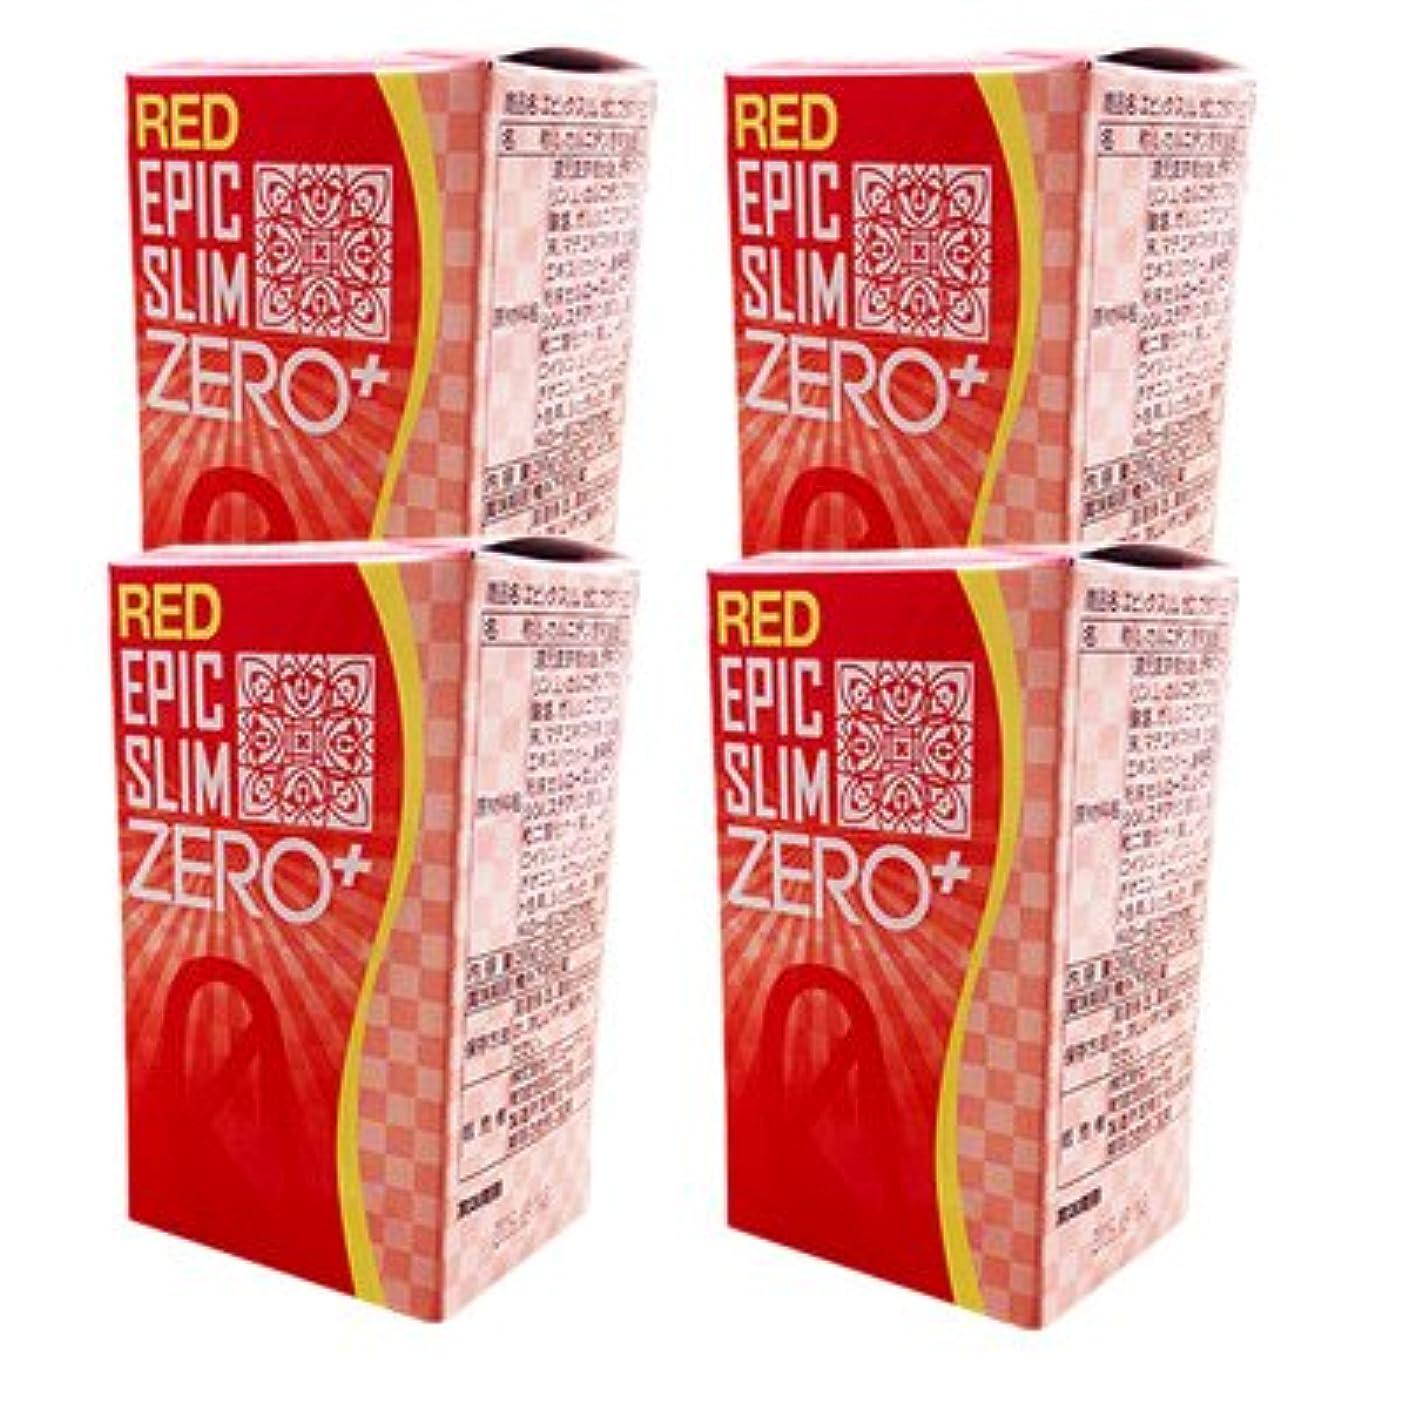 緩やかな始めるシャーロックホームズレッド エピックスリム ゼロ レッド 4個セット!  Epic Slim ZERO RED ×4個